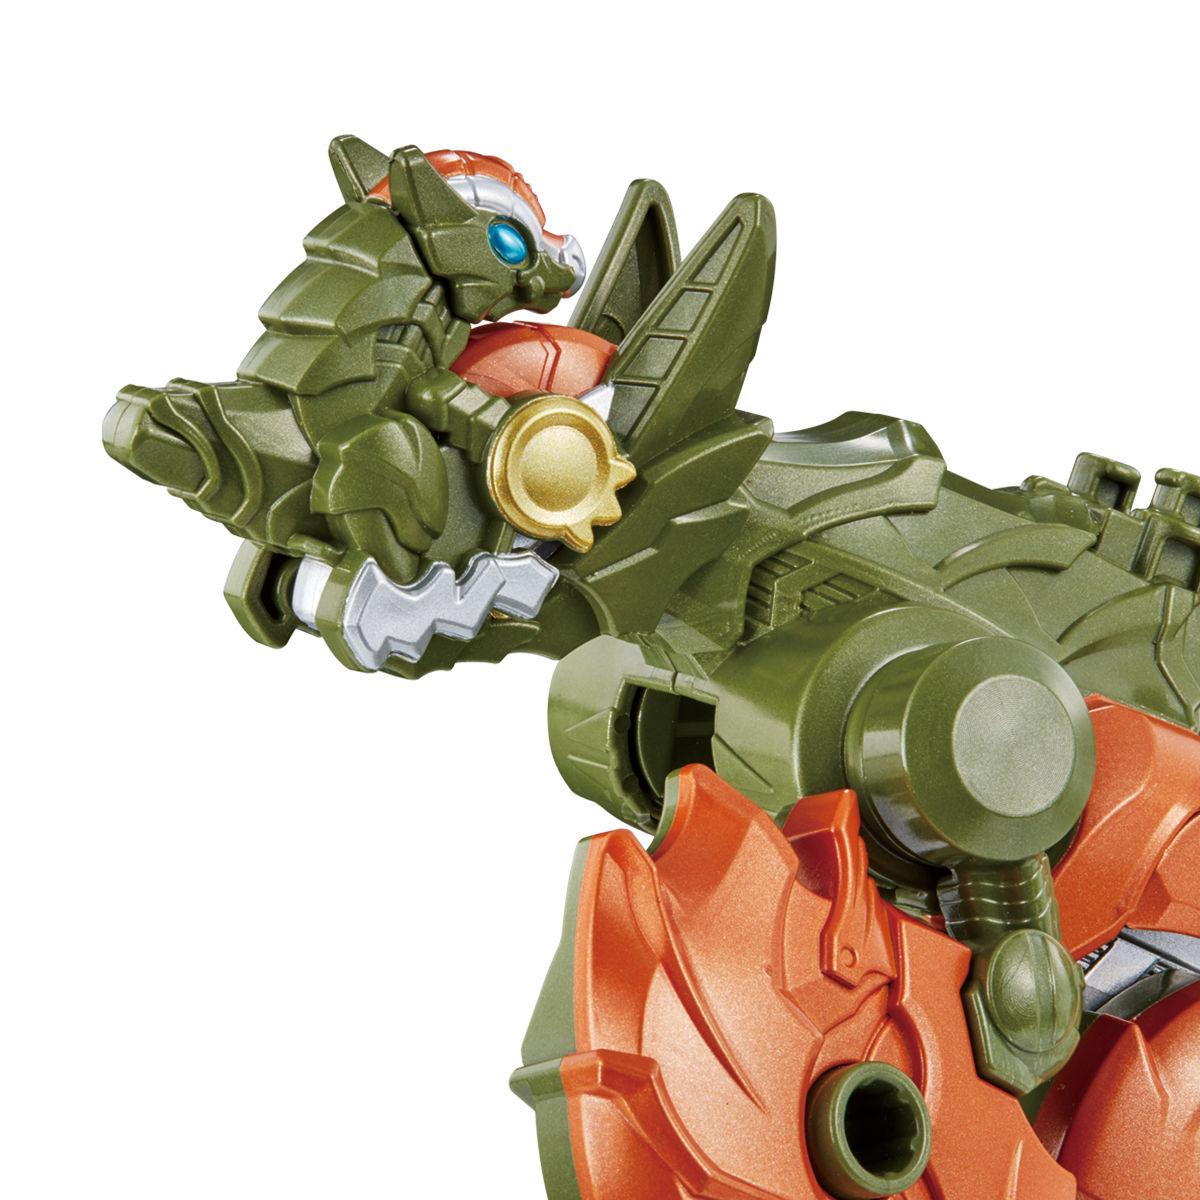 騎士竜戦隊リュウソウジャー『騎士竜シリーズ10 DXパキガルー』可変可動フィギュア-006